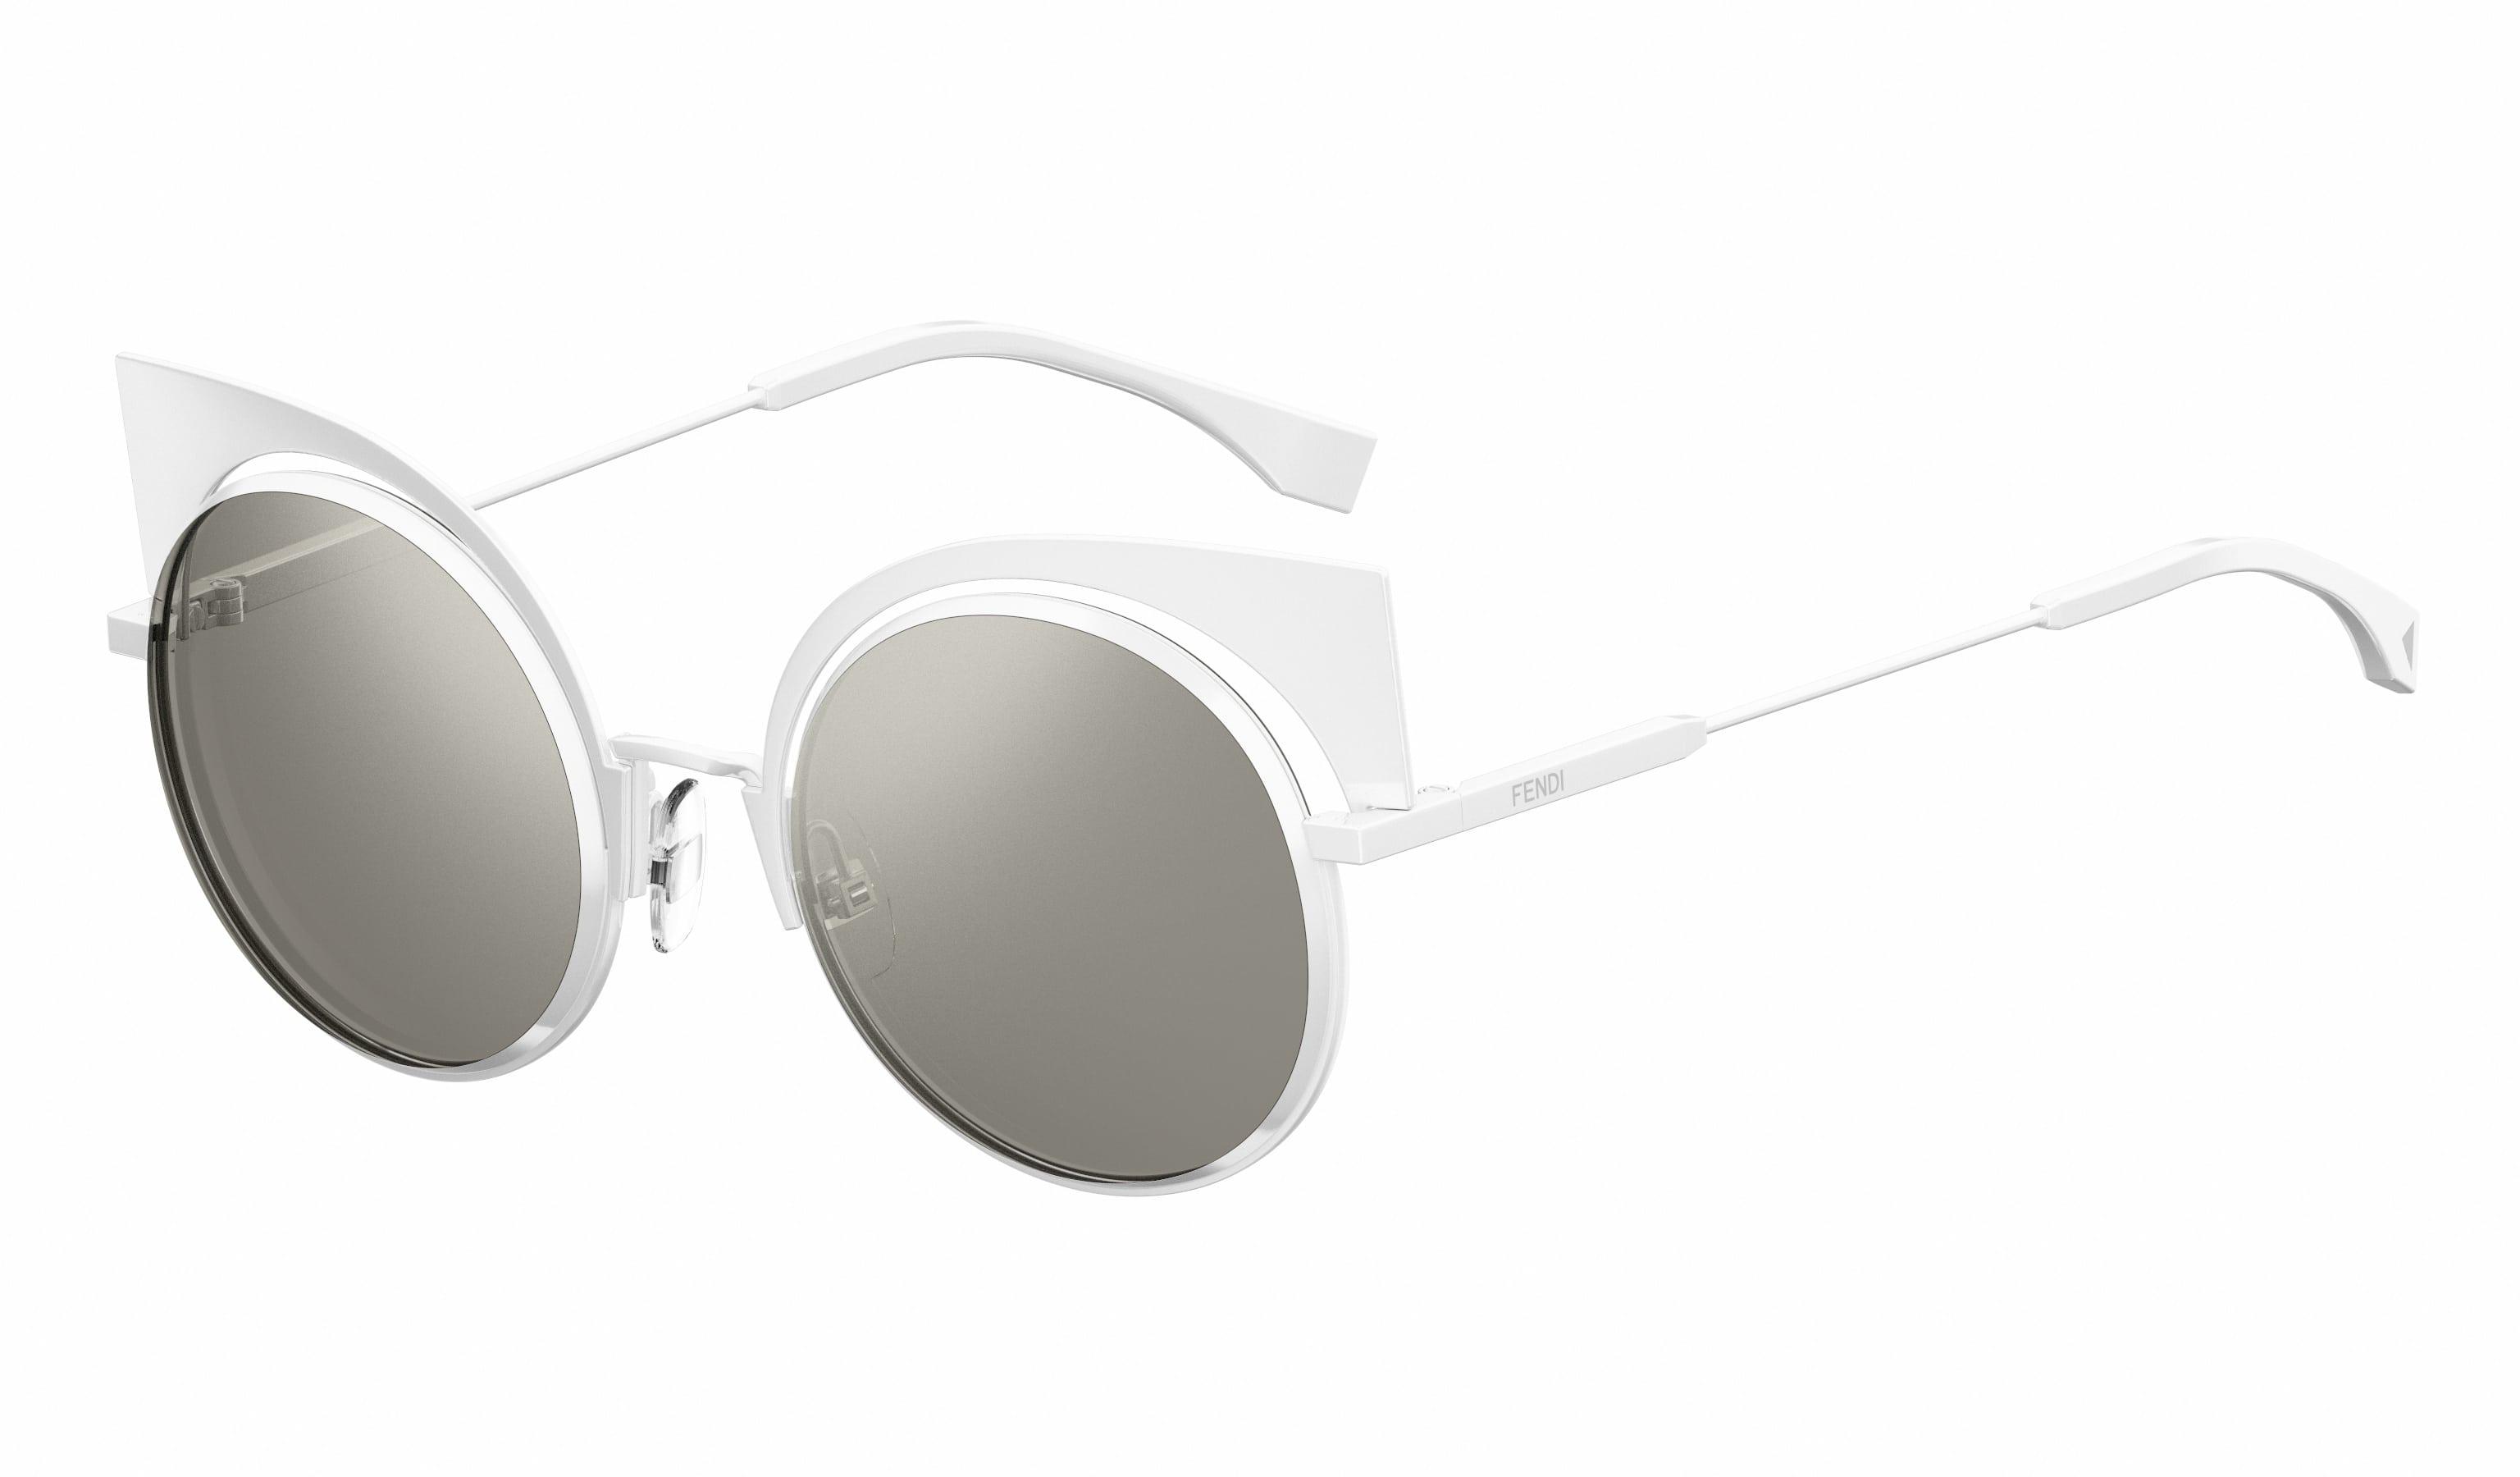 01e76b5245 Τα νέα γυαλιά ηλίου Fendi EyeShine διατίθενται σε επιλεγμένα καταστήματα  οπτικών (μοντέλο FF 0177 s). FF 0177S EyeShine-001 FF 0177S Eyeshine-DMV ...